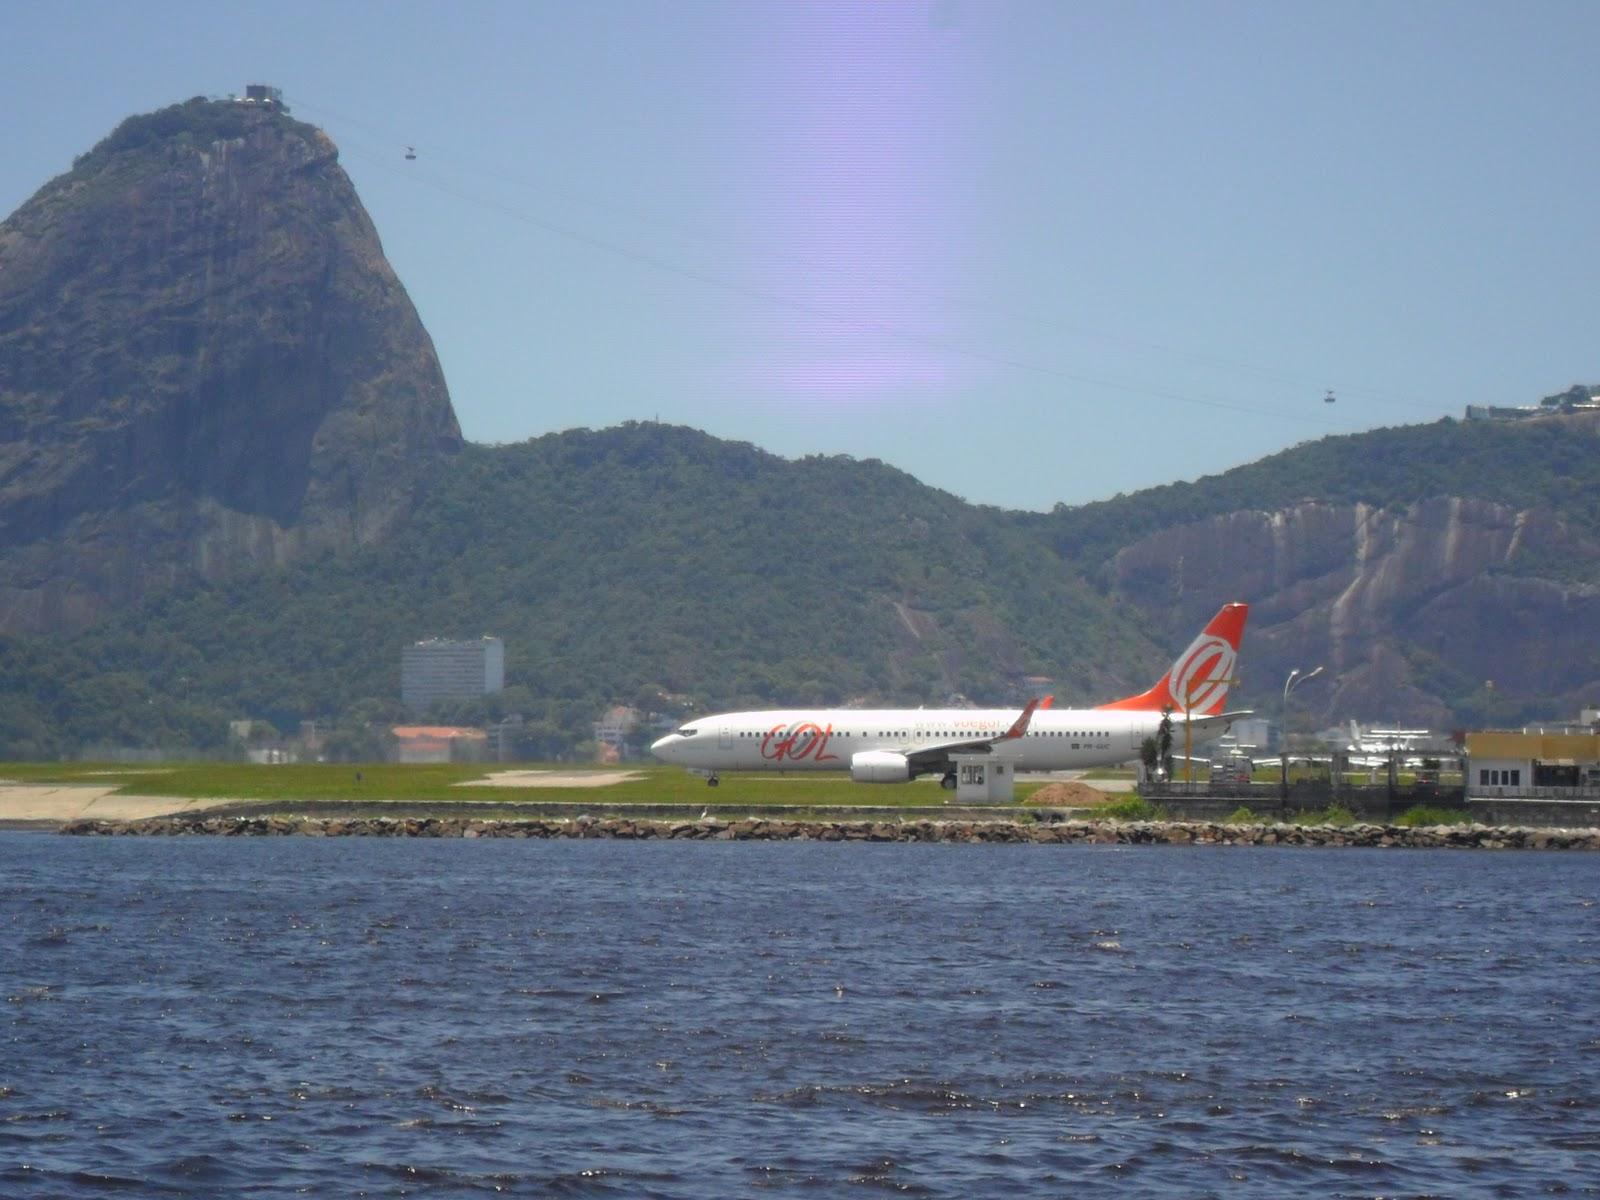 Aeroporto Rio De Janeiro : Aeroporto santos dumont rio de janeiro